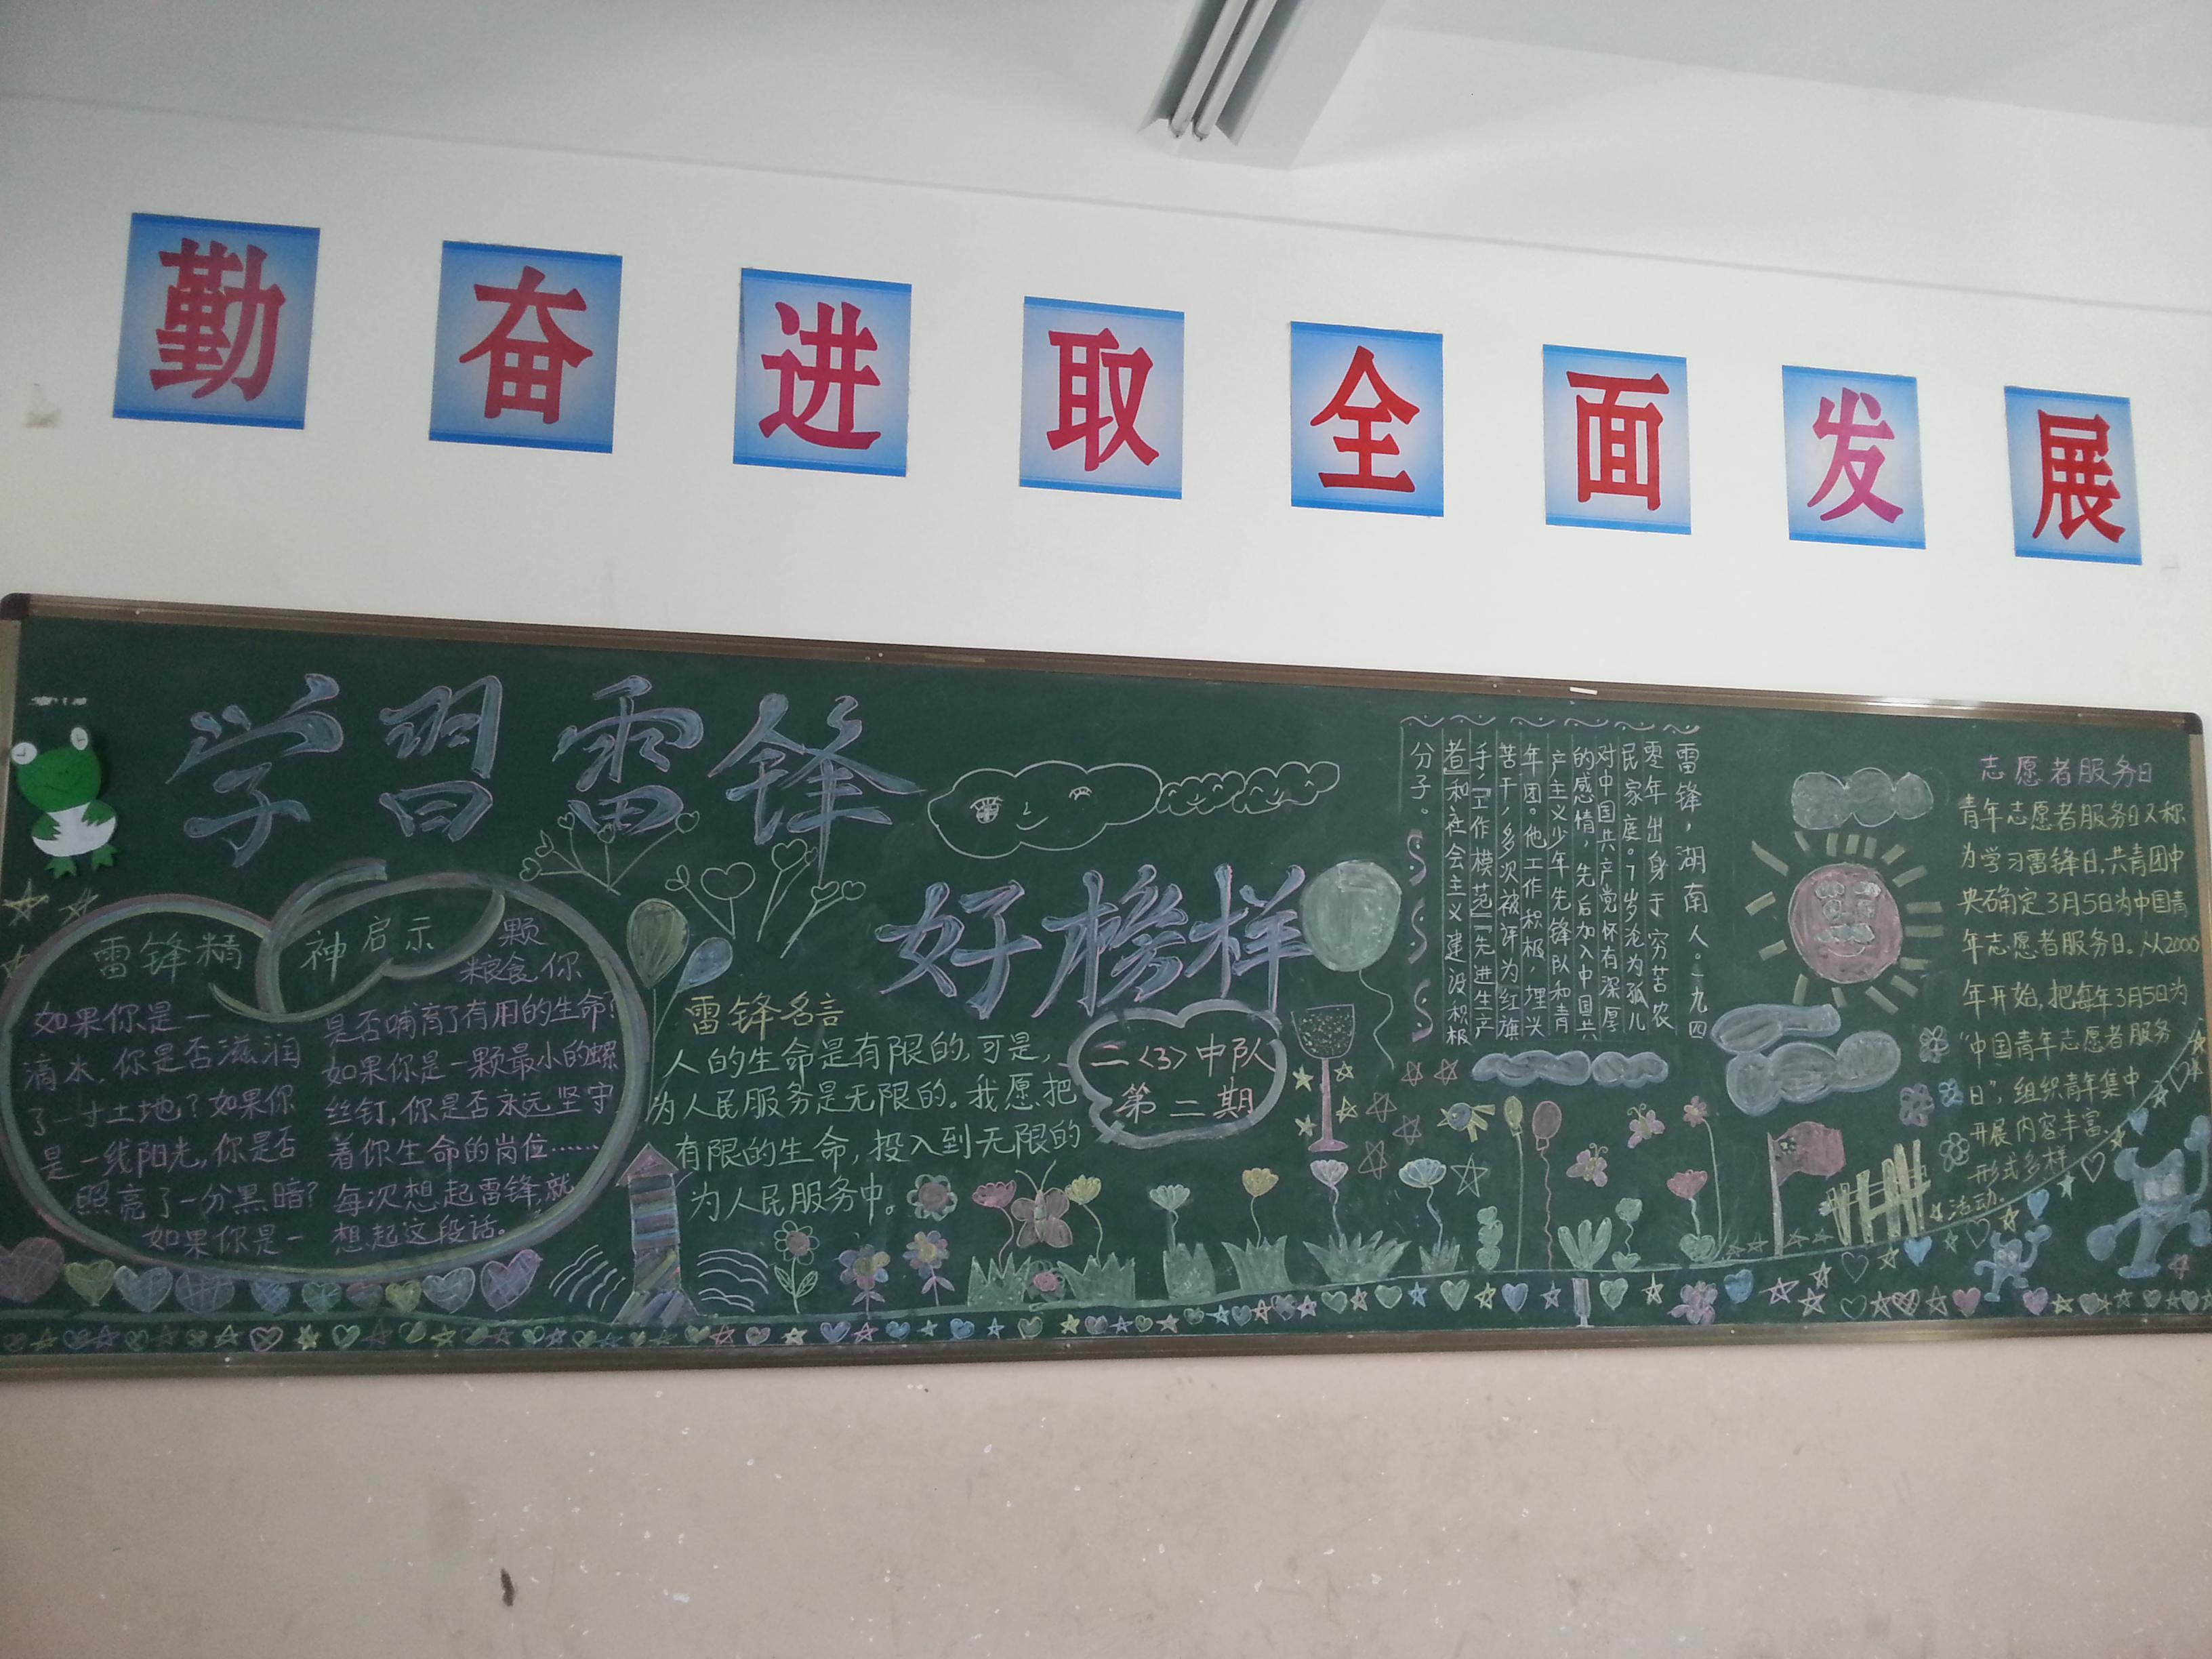 毕业季黑板报图片大全_手抄报图片简单又漂亮_作文人网 板报